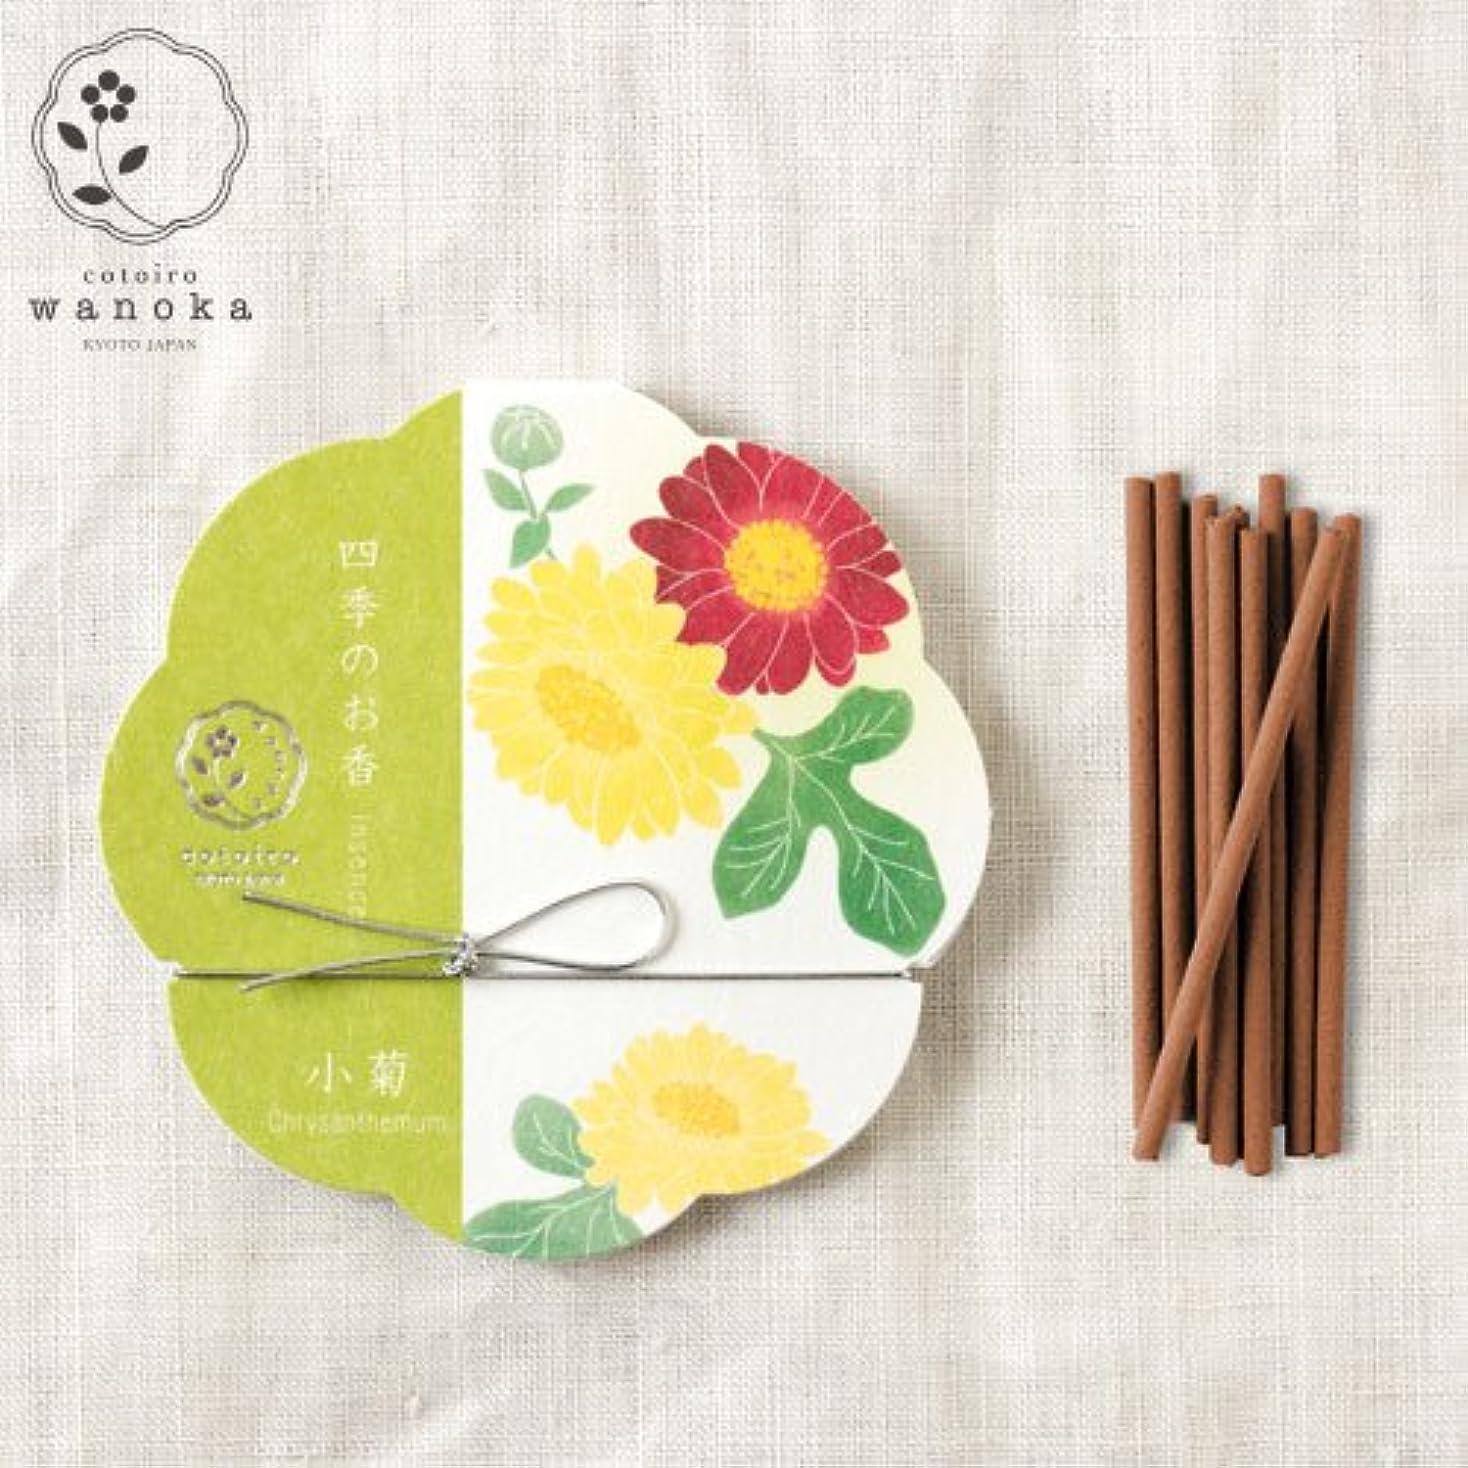 洞窟転送提出するwanoka四季のお香(インセンス)小菊《小菊をイメージした優しい香り》ART LABIncense stick